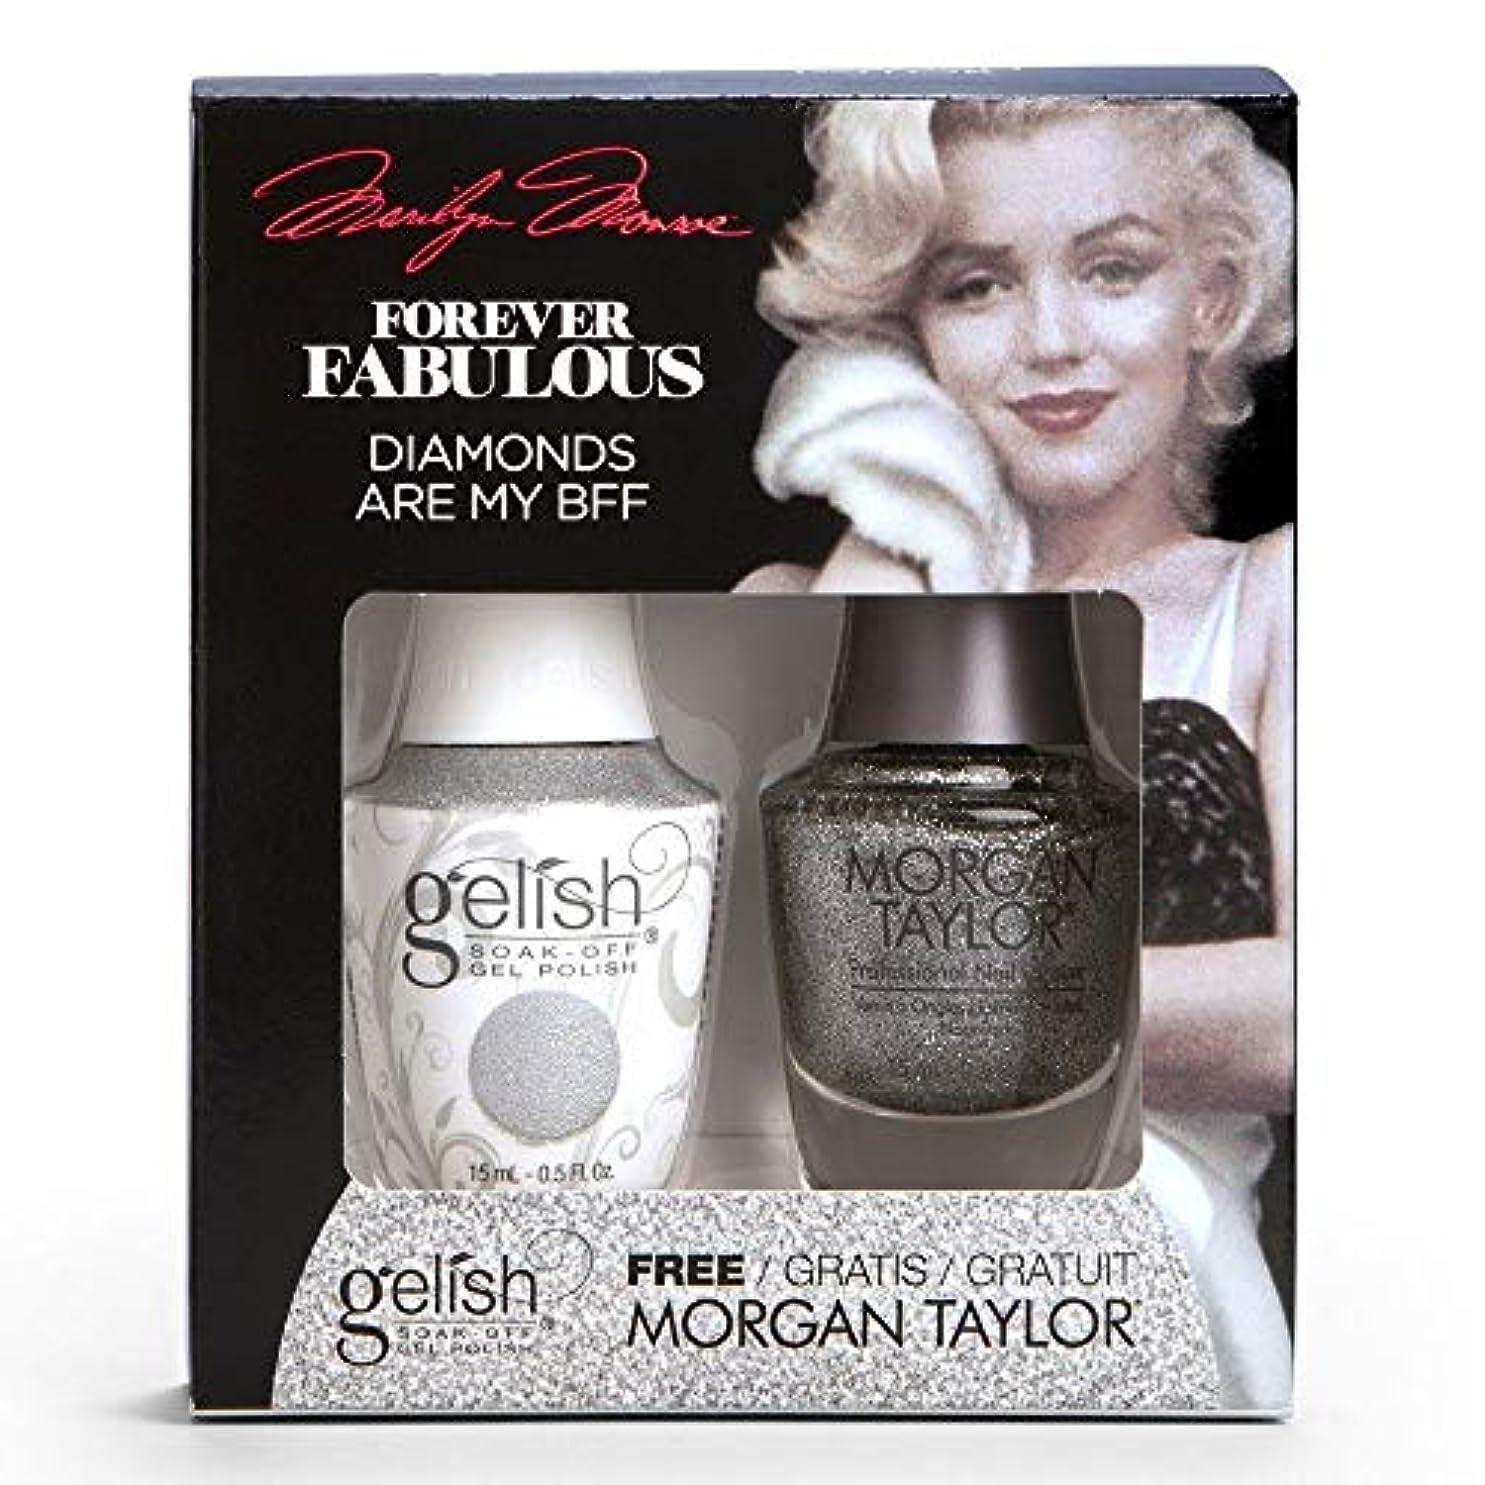 聖書落ち着いた整理するHarmony Gelish & Morgan Taylor - Two Of A Kind - Forever Fabulous Marilyn Monroe - Diamonds Are My BFF - 15 mL...